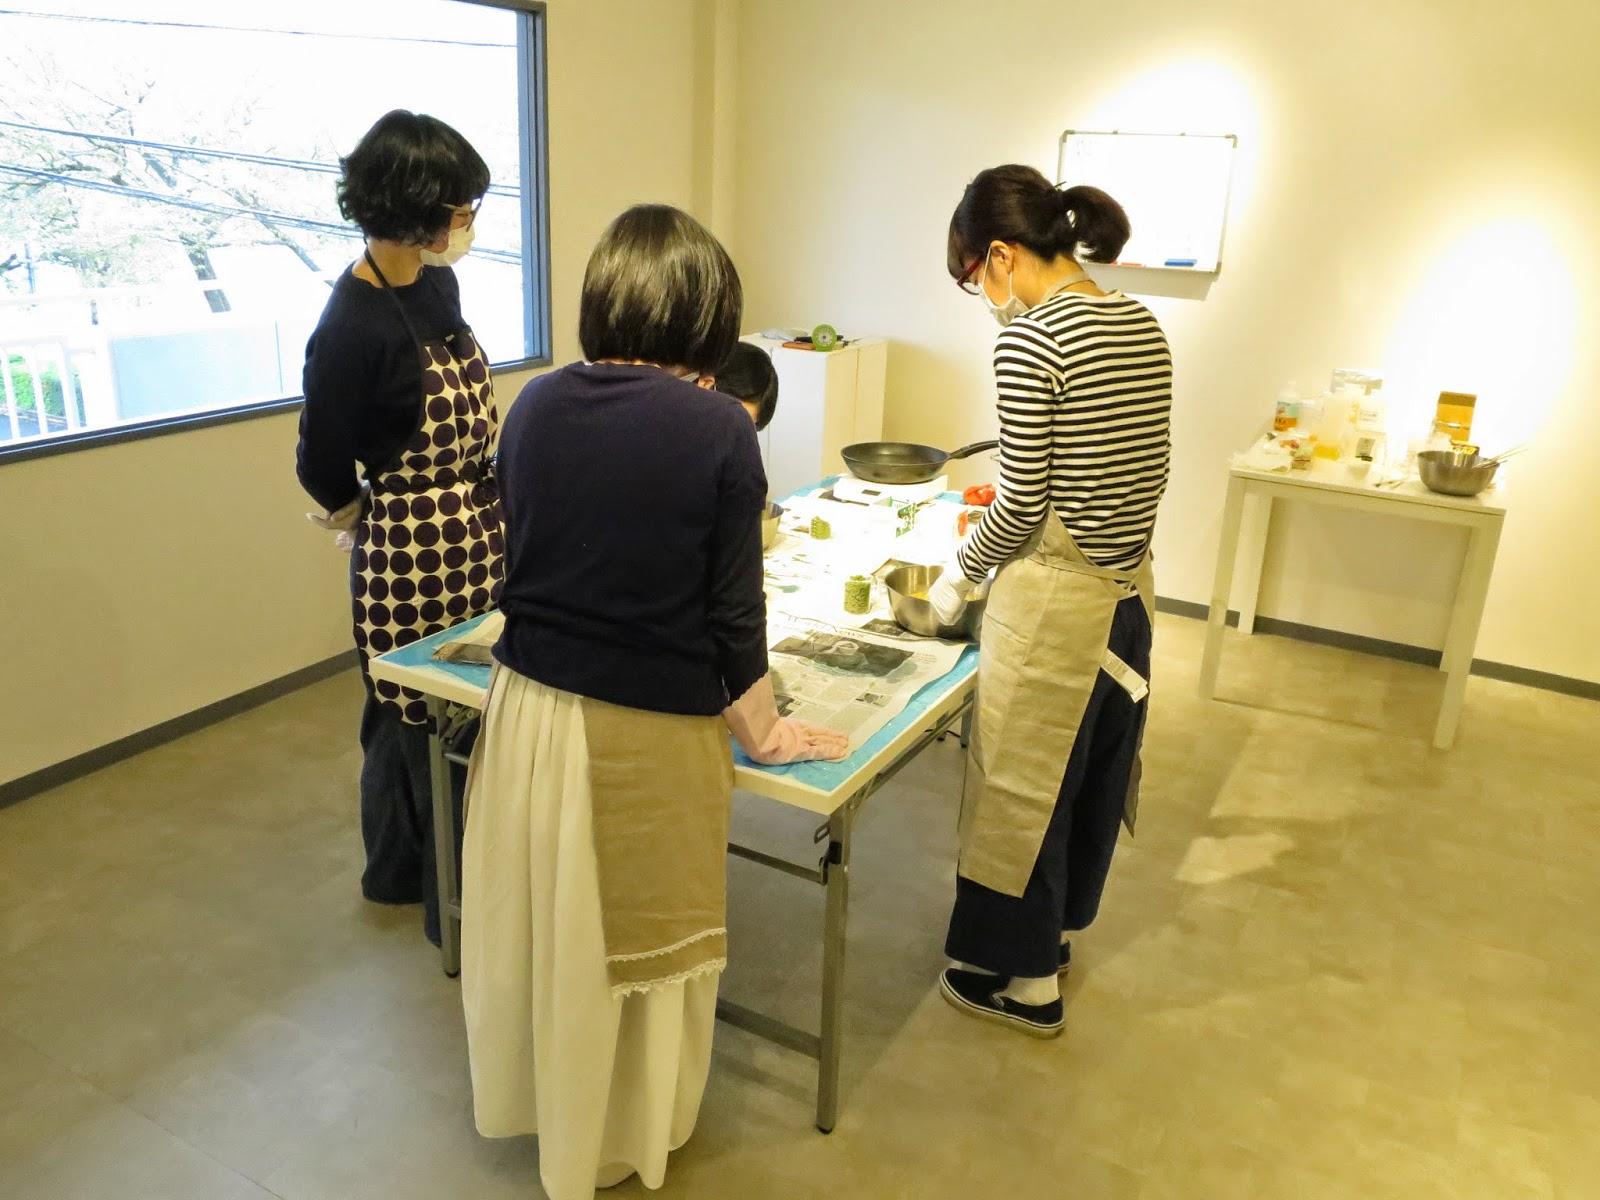 アザラシせっけん教室 at gallery Y